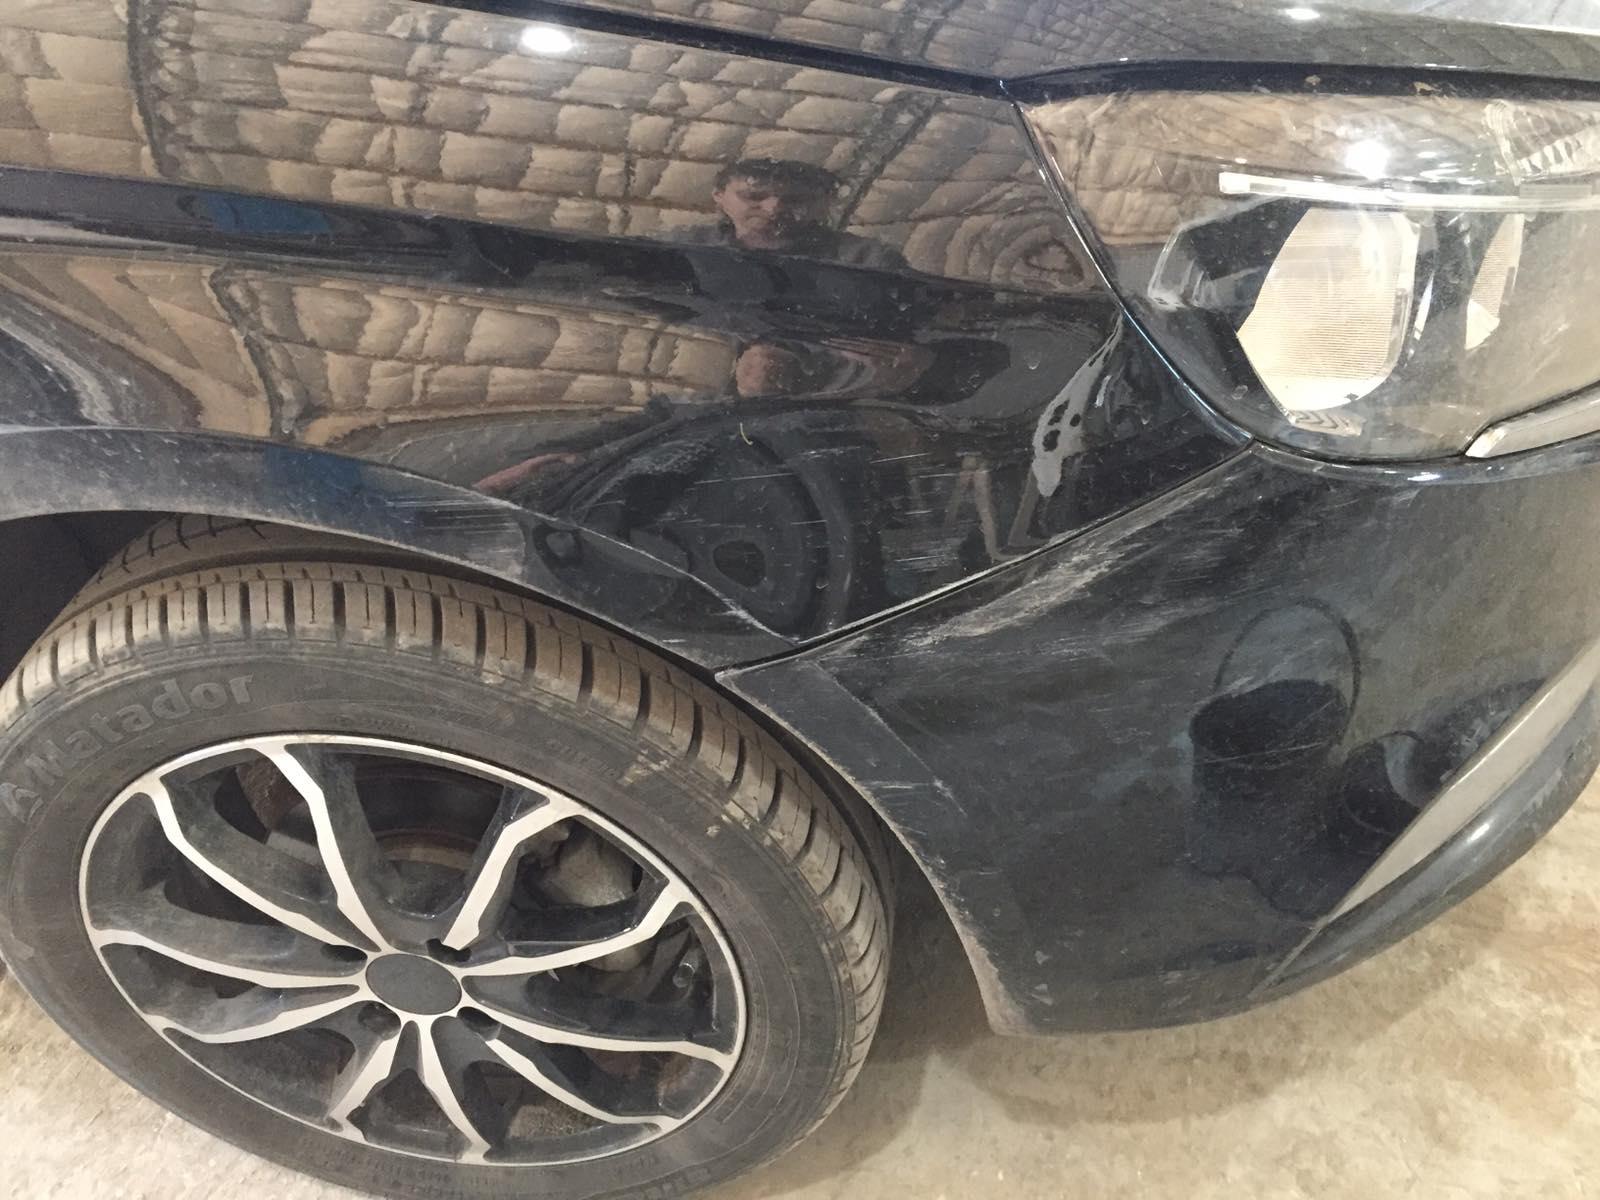 Лада Веста/Lada Vesta - Кузовной ремонт и локальная покраска двух элементов - до